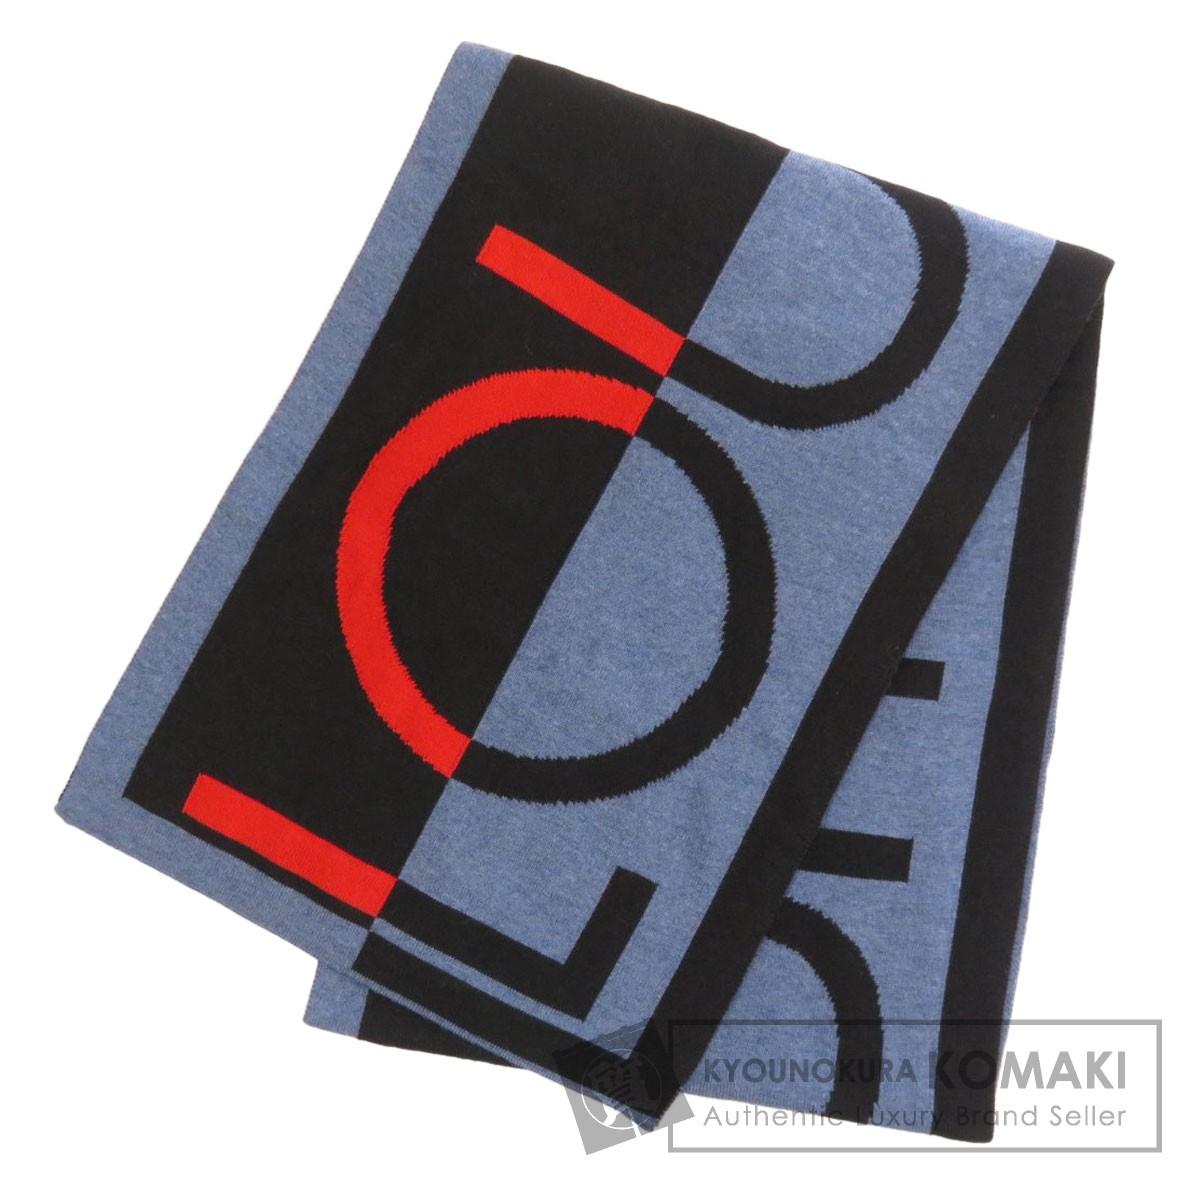 人気ブランドの ルイヴィトン M71244 エシャルプ・LVホライゾン マフラー ウール ユニセックス 【LOUIS VUITTON】, 深江町 9b998dd6